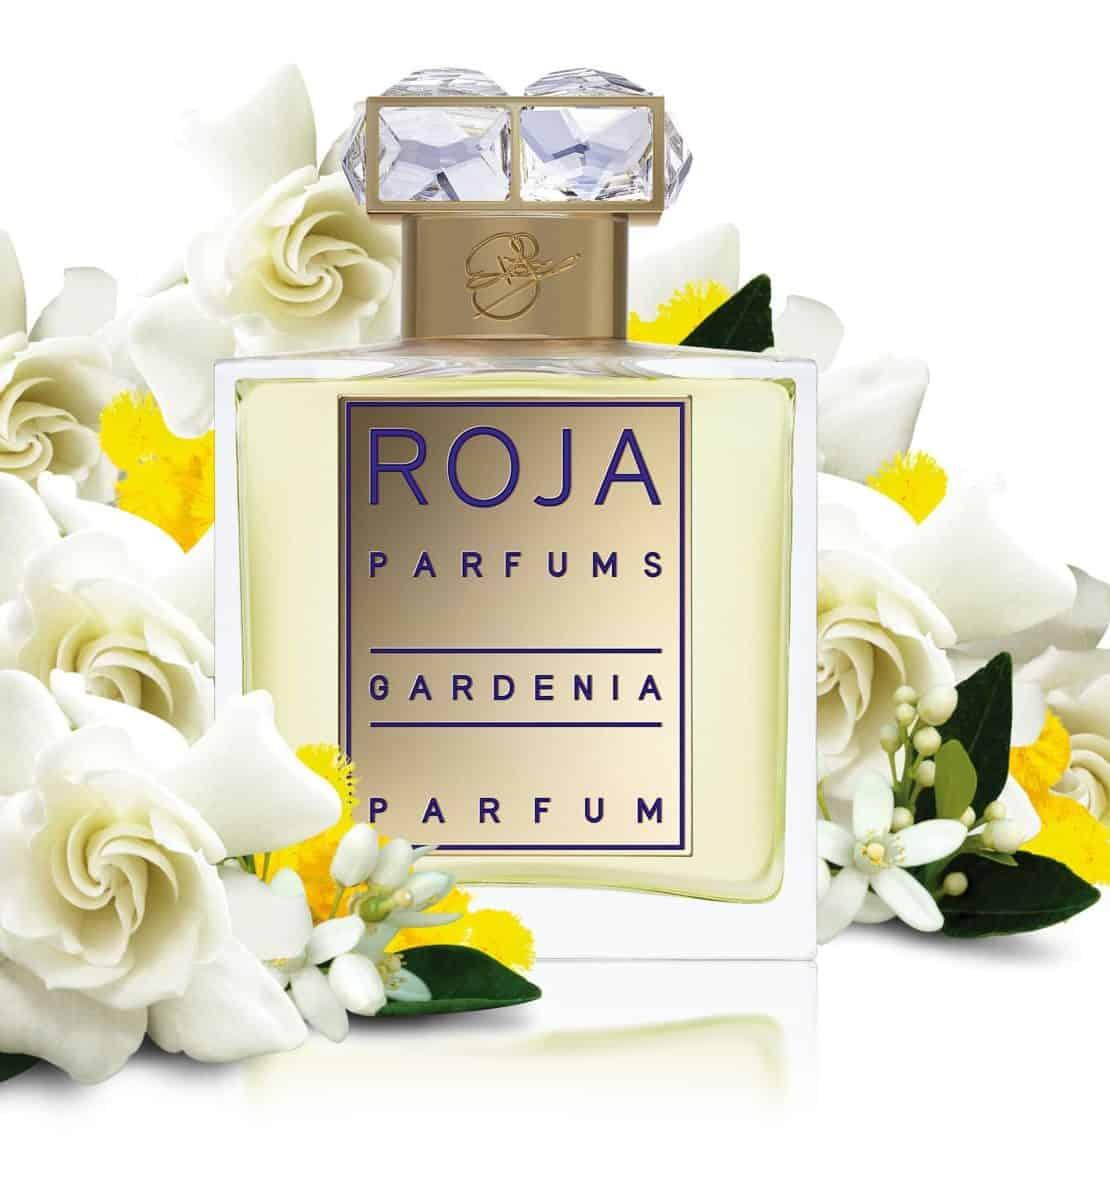 Gardenia PPF